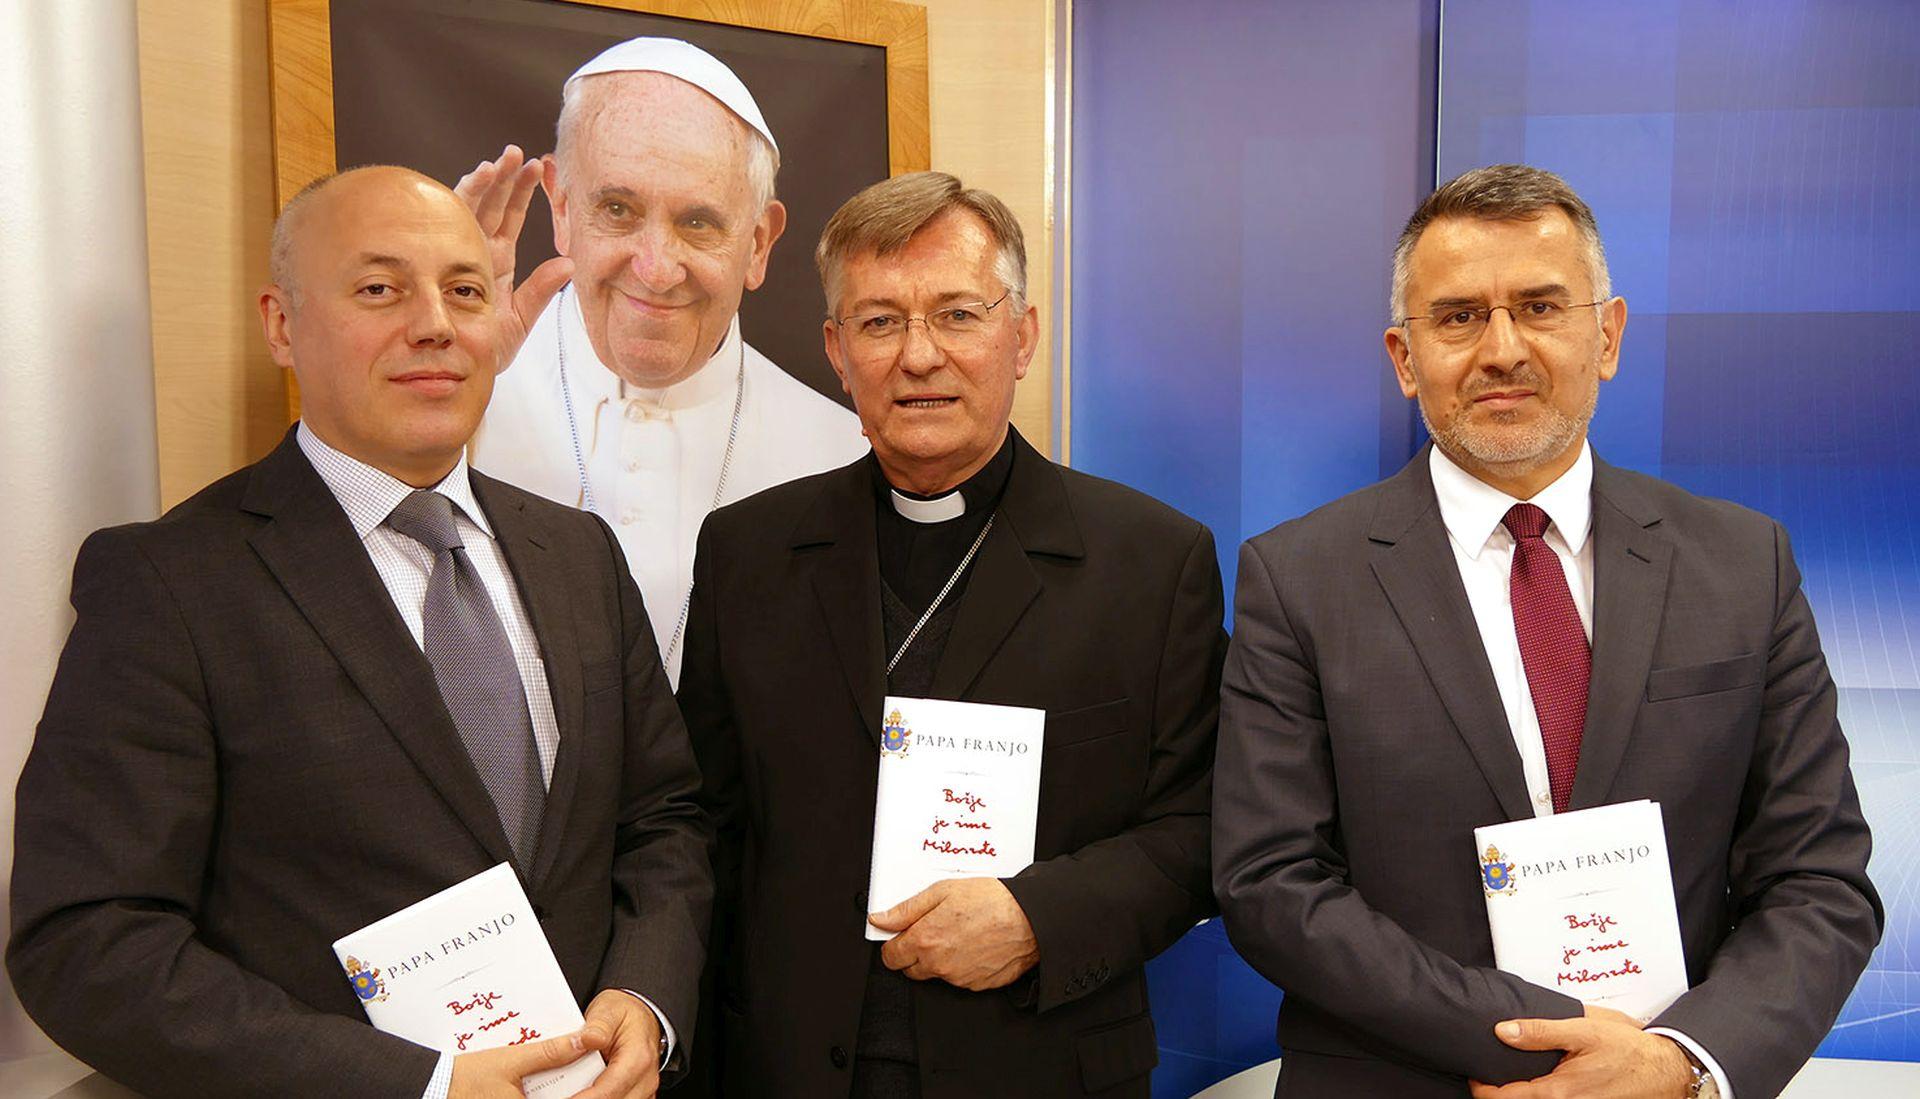 NADBISKUP BARIŠIĆ: Svetost kardinala Stepinca je neupitna